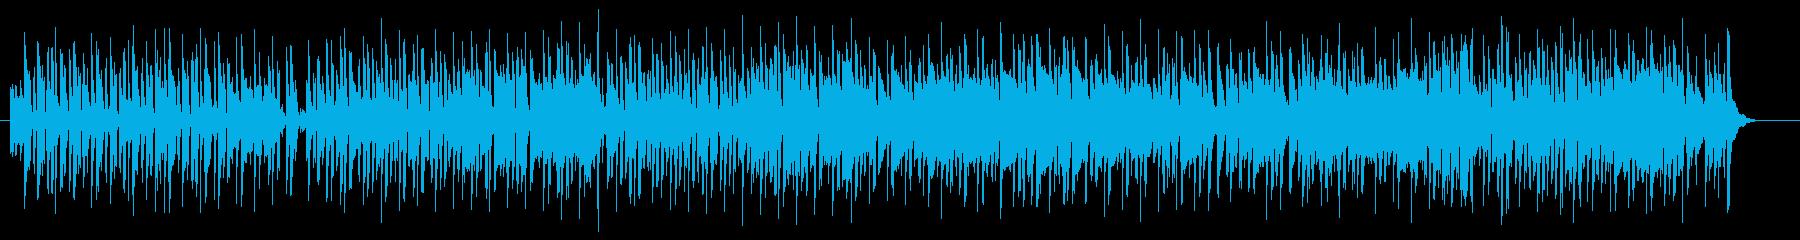 爽やかで可愛いメロディのポップスの再生済みの波形